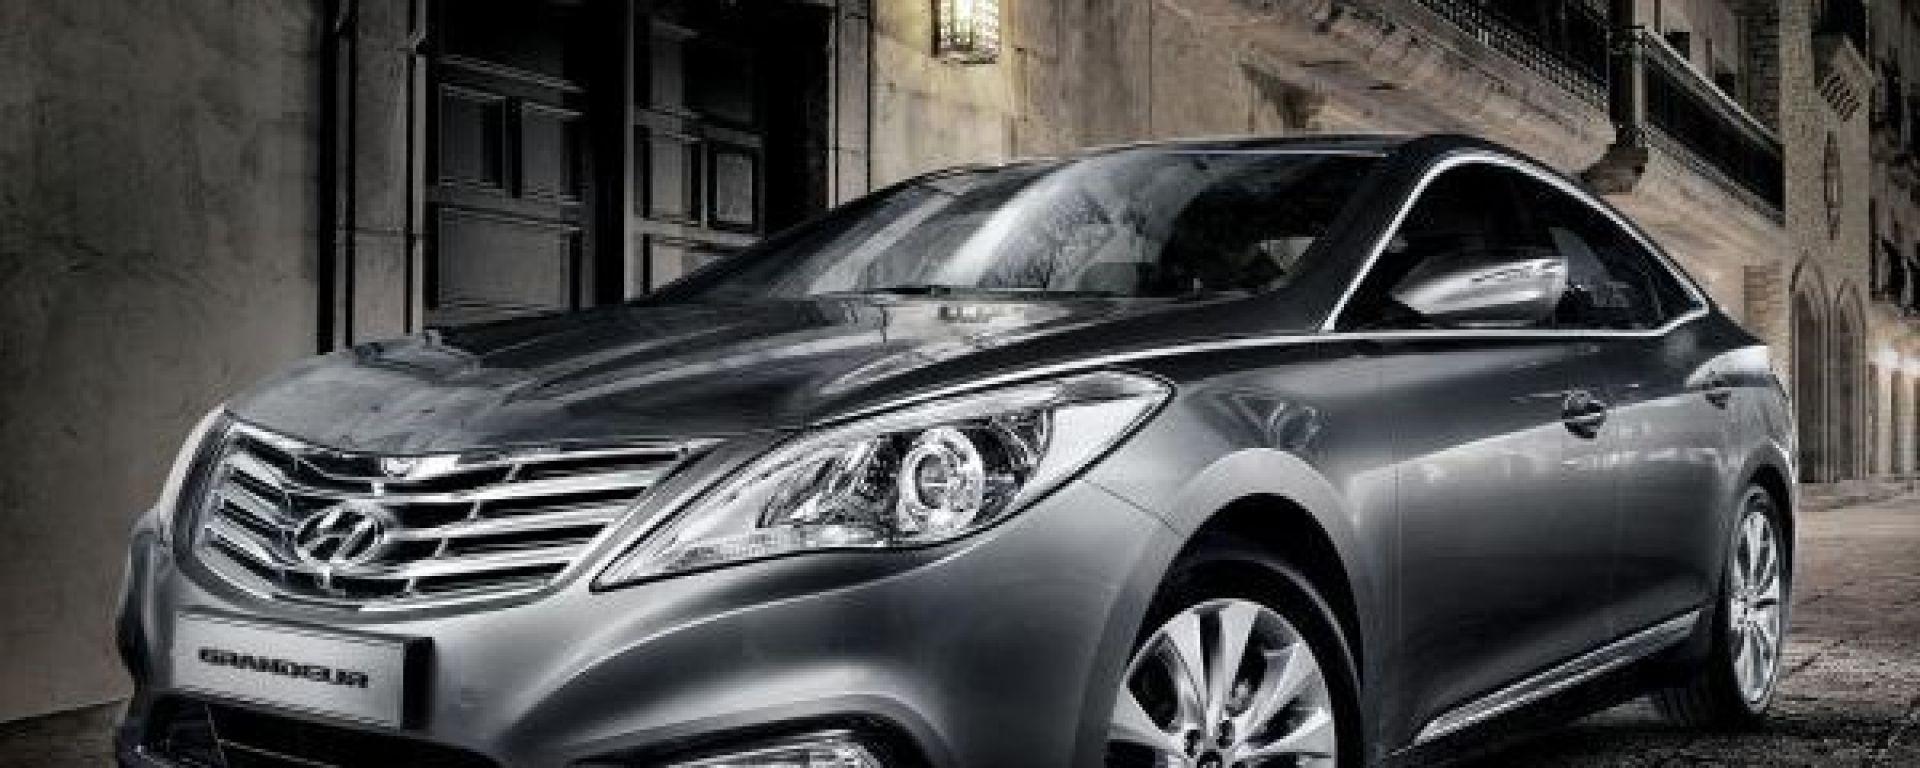 Hyundai Grandeur G5